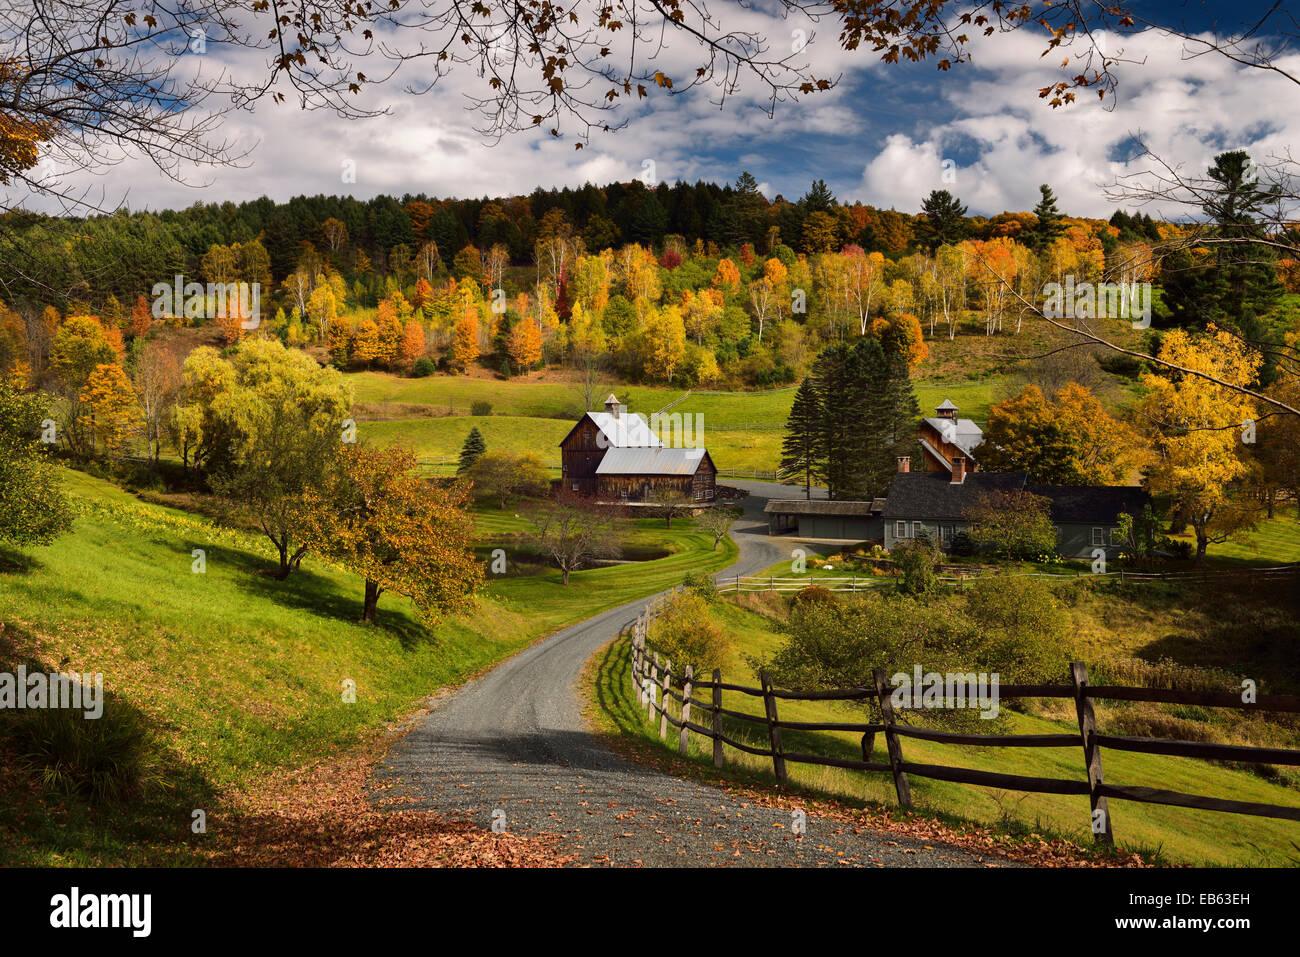 Árbol de otoño colores a Sleepy Hollow farm road woodstock cloudland homestead en Vermont, EE.UU. Imagen De Stock